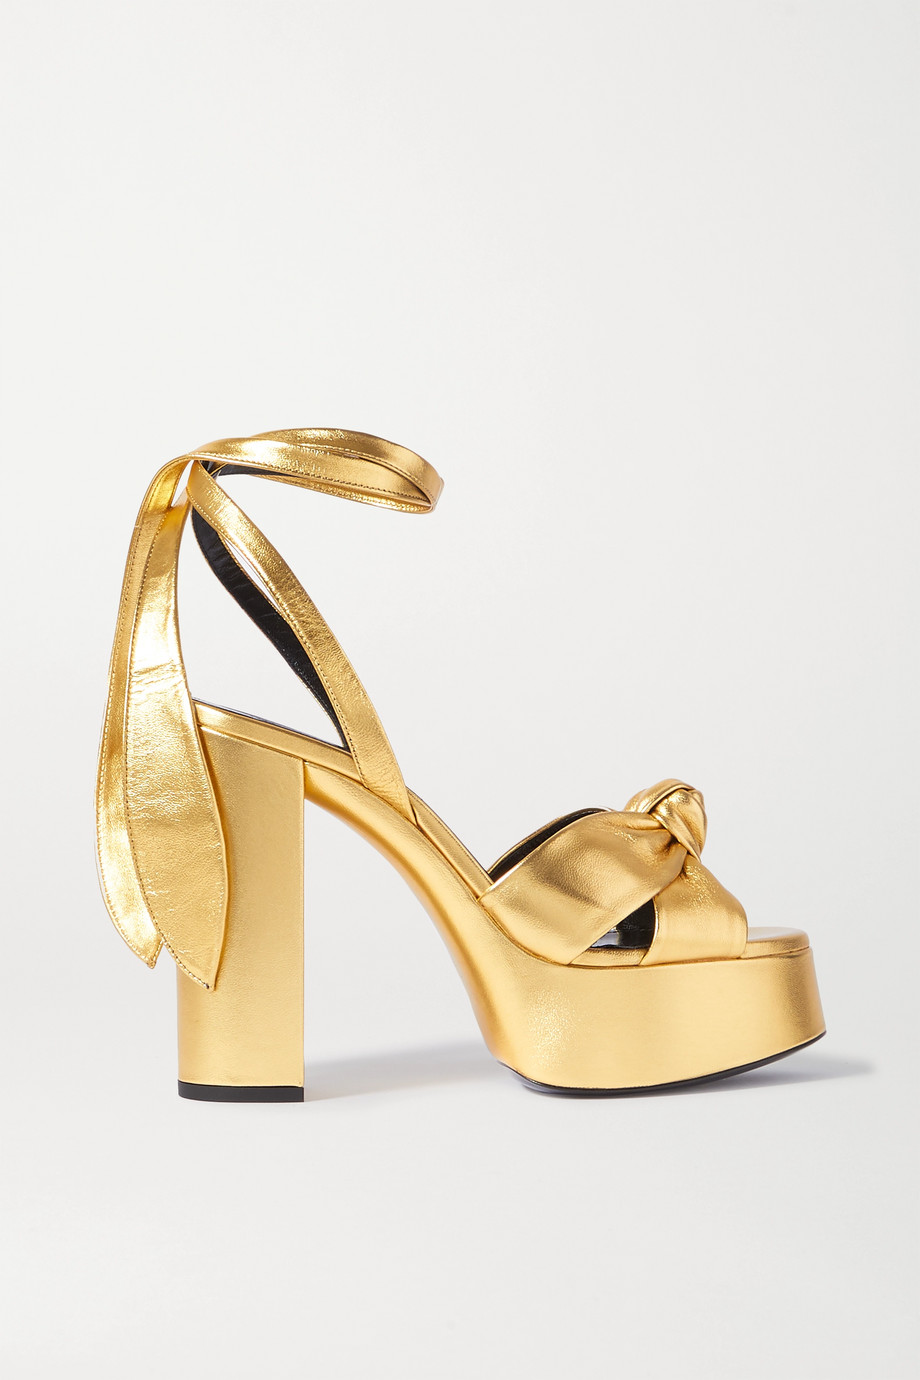 SAINT LAURENT Bianca 系带式金属感皮革防水台凉鞋